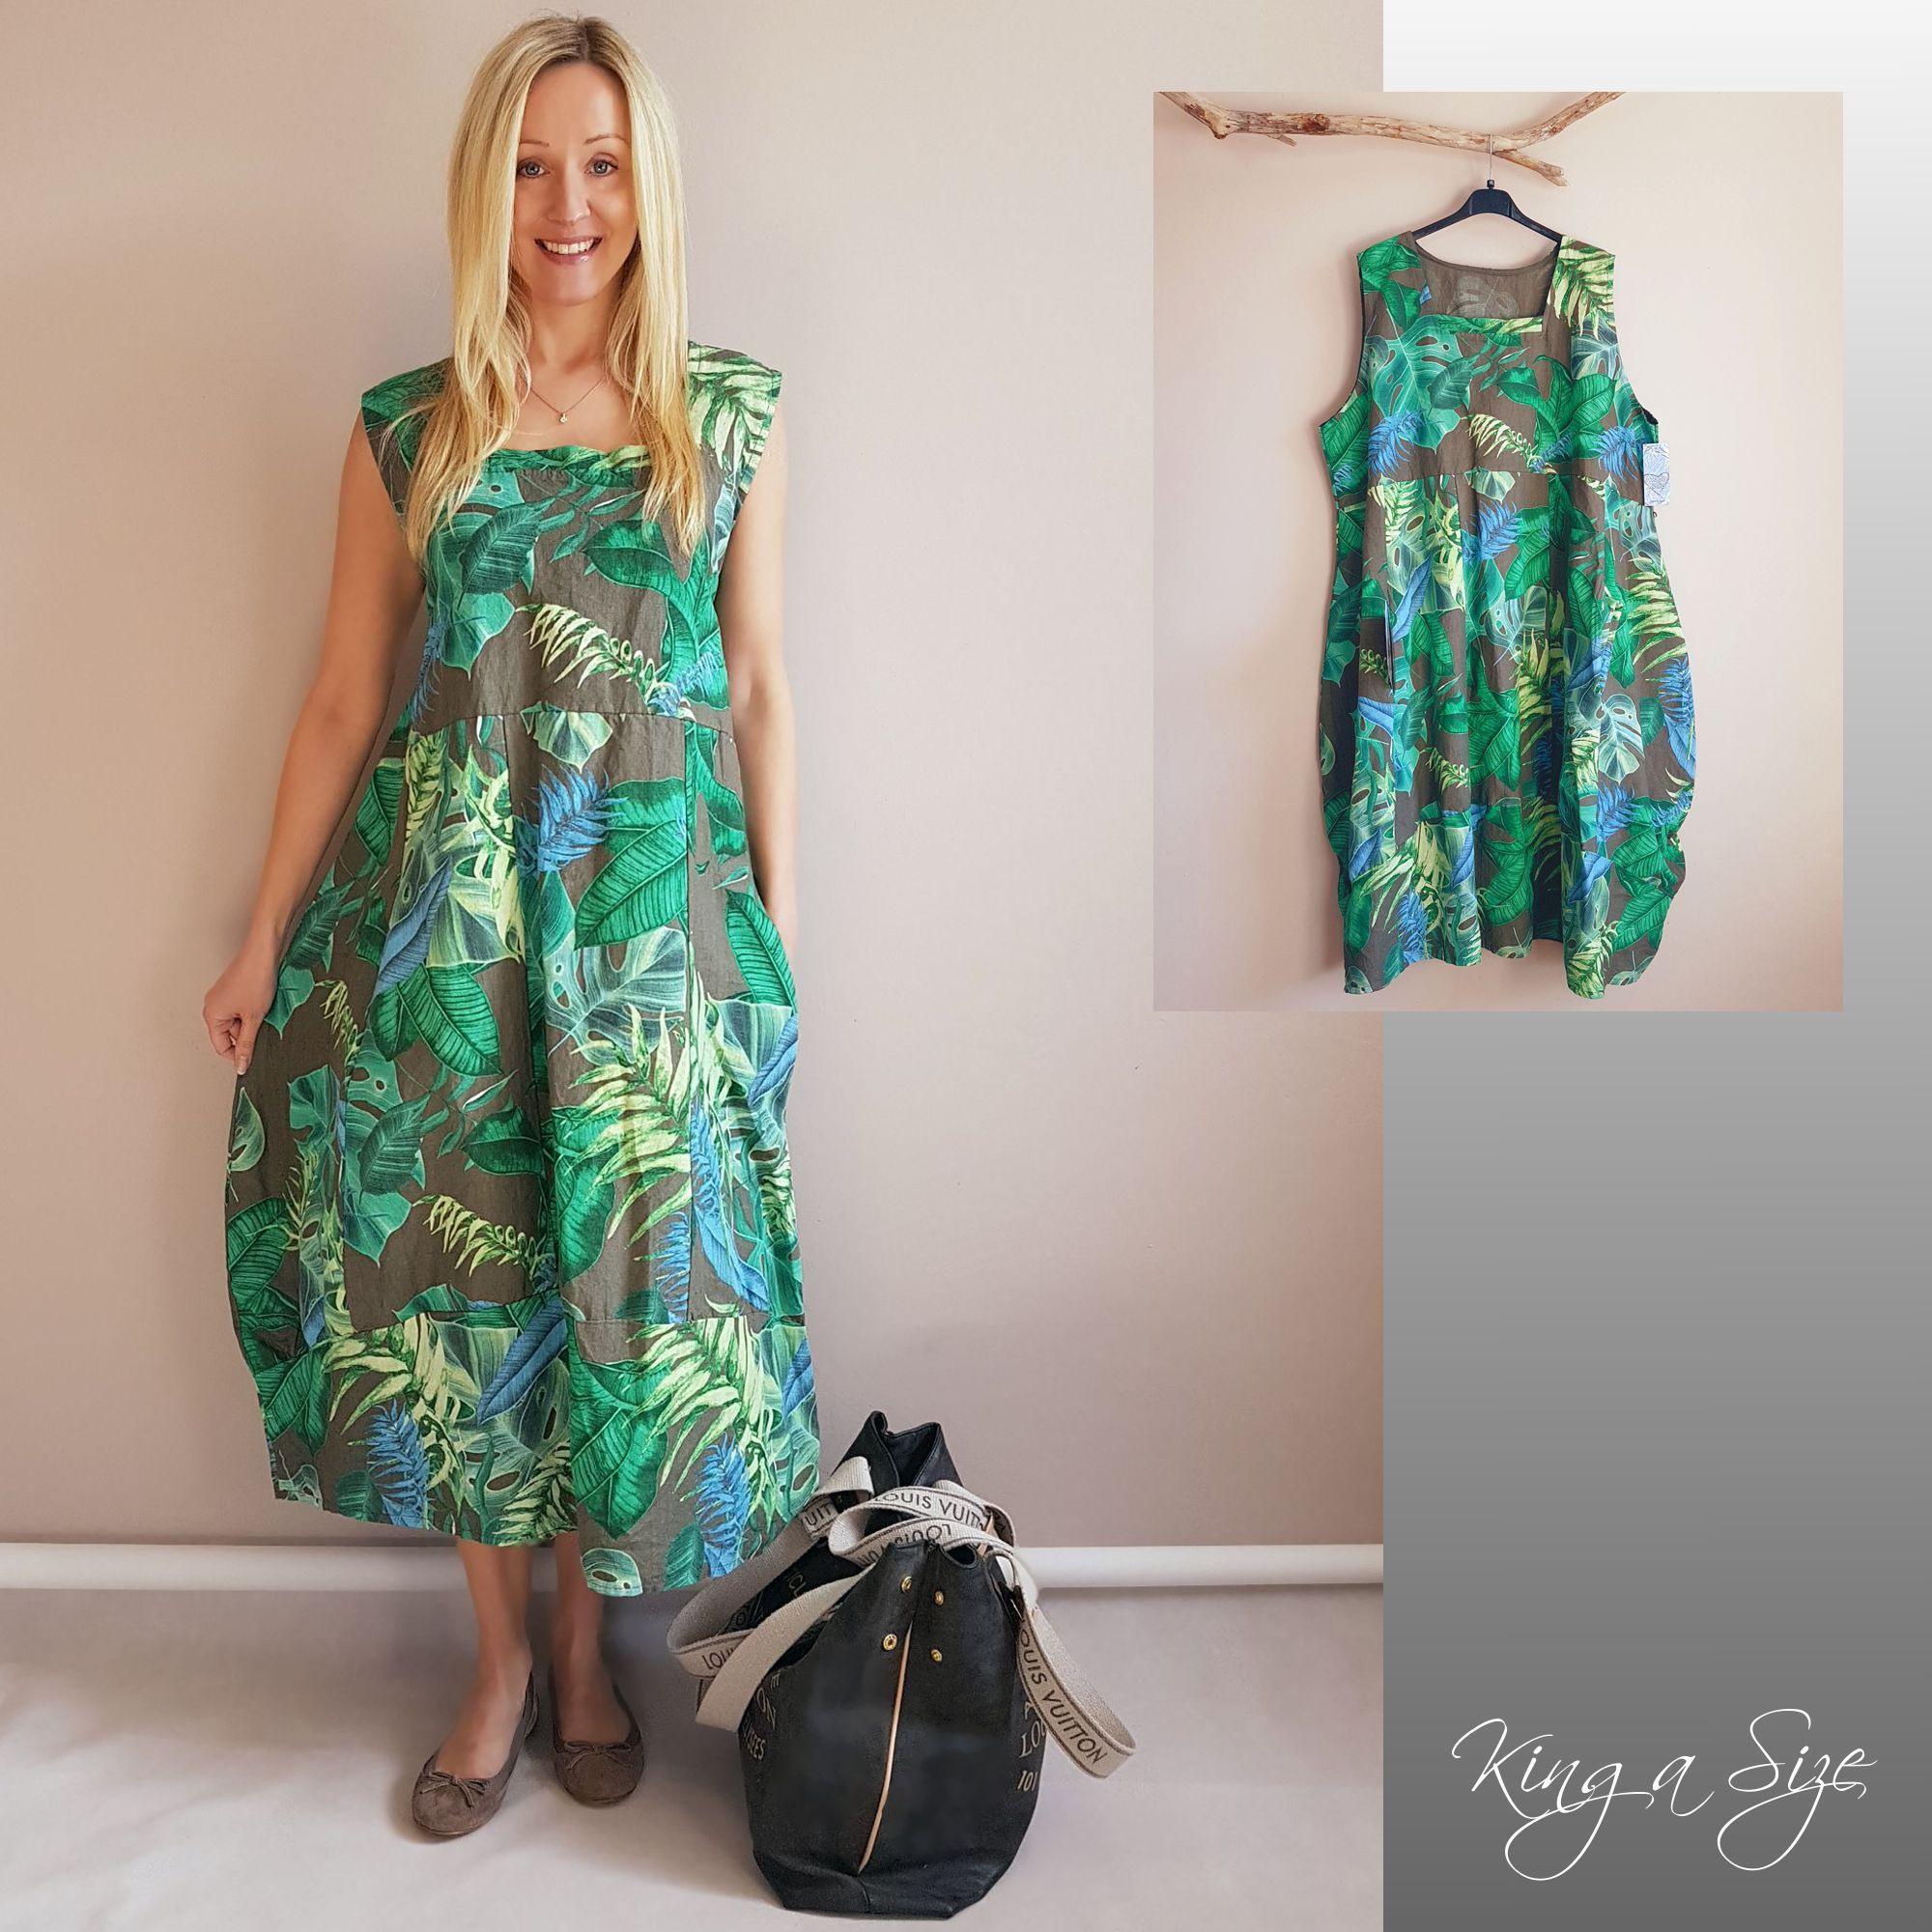 Designer Einfach Kleid Gr 50 Spezialgebiet10 Erstaunlich Kleid Gr 50 Bester Preis